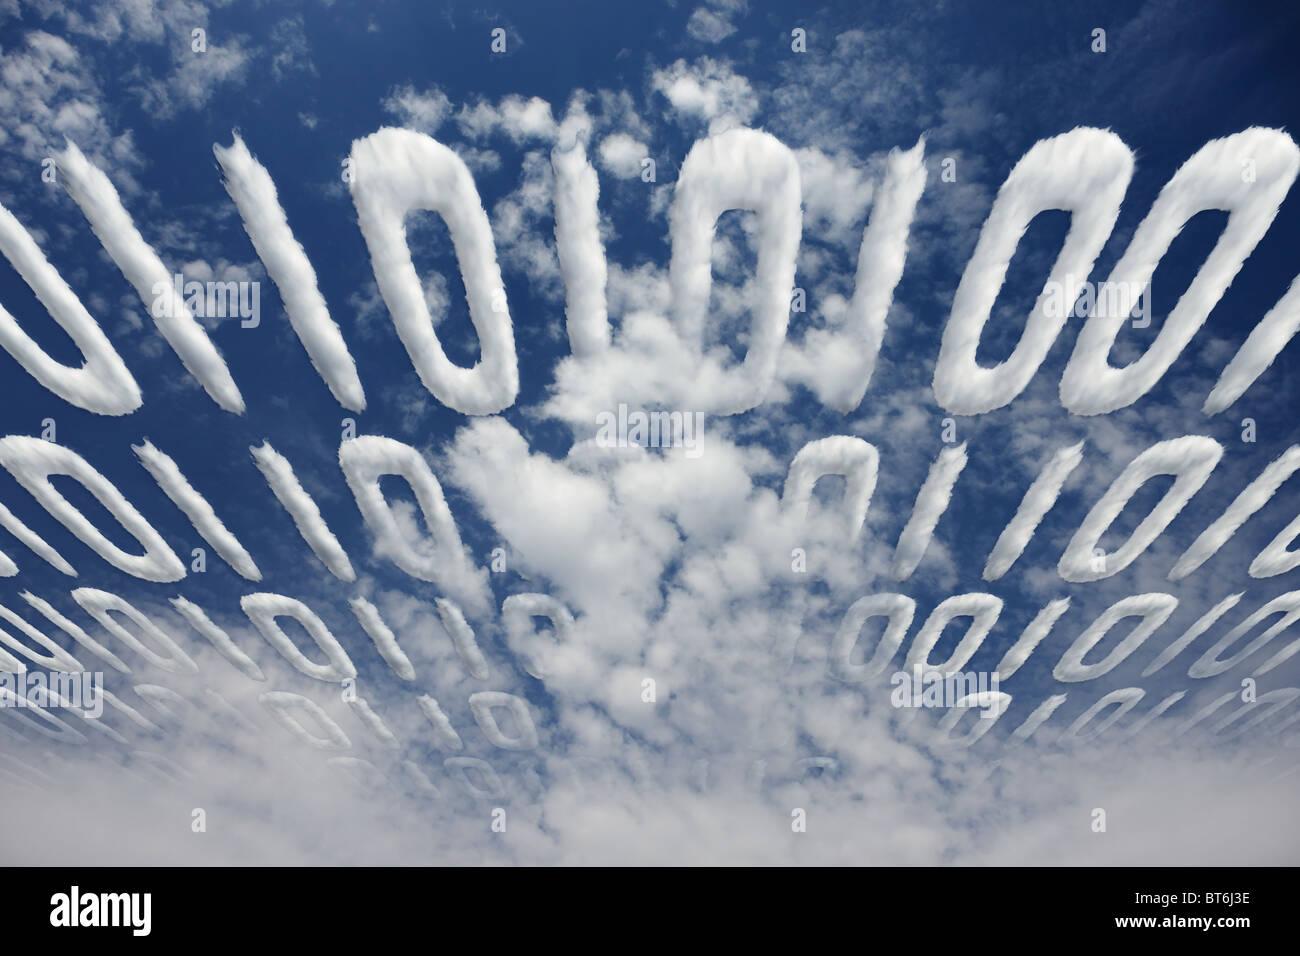 Transmitido en código binario nublado cielo - Concepto de medios electrónicos de comunicación e información Imagen De Stock